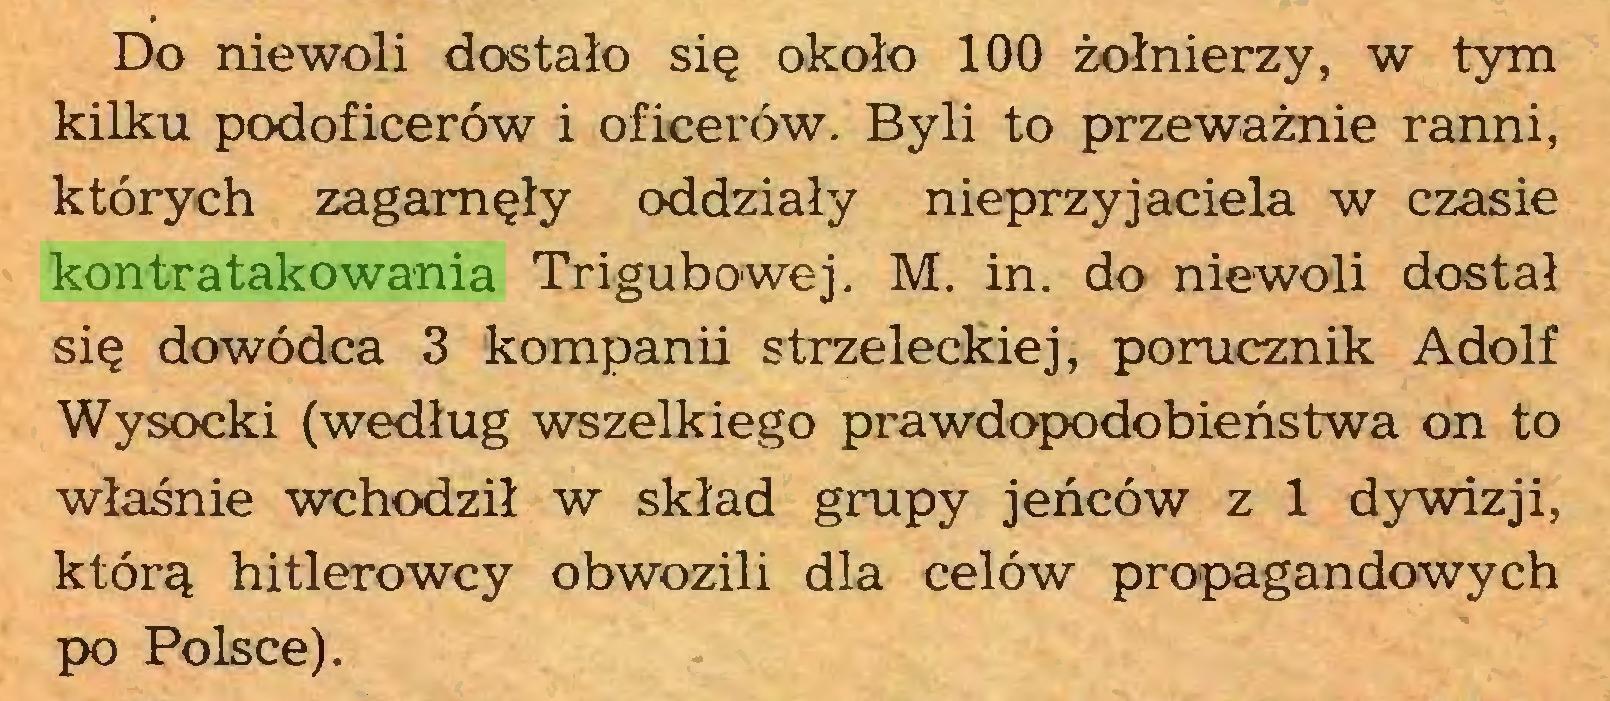 (...) Do niewoli dostało się około 100 żołnierzy, w tym kilku podoficerów i oficerów. Byli to przeważnie ranni, których zagarnęły oddziały nieprzyjaciela w czasie kontratakowania Trigubowej. M. in. do niewoli dostał się dowódca 3 kompanii strzeleckiej, porucznik Adolf Wysocki (według wszelkiego prawdopodobieństwa on to właśnie wchodził w skład grupy jeńców z 1 dywizji, którą hitlerowcy obwozili dla celów propagandowych po Polsce)...